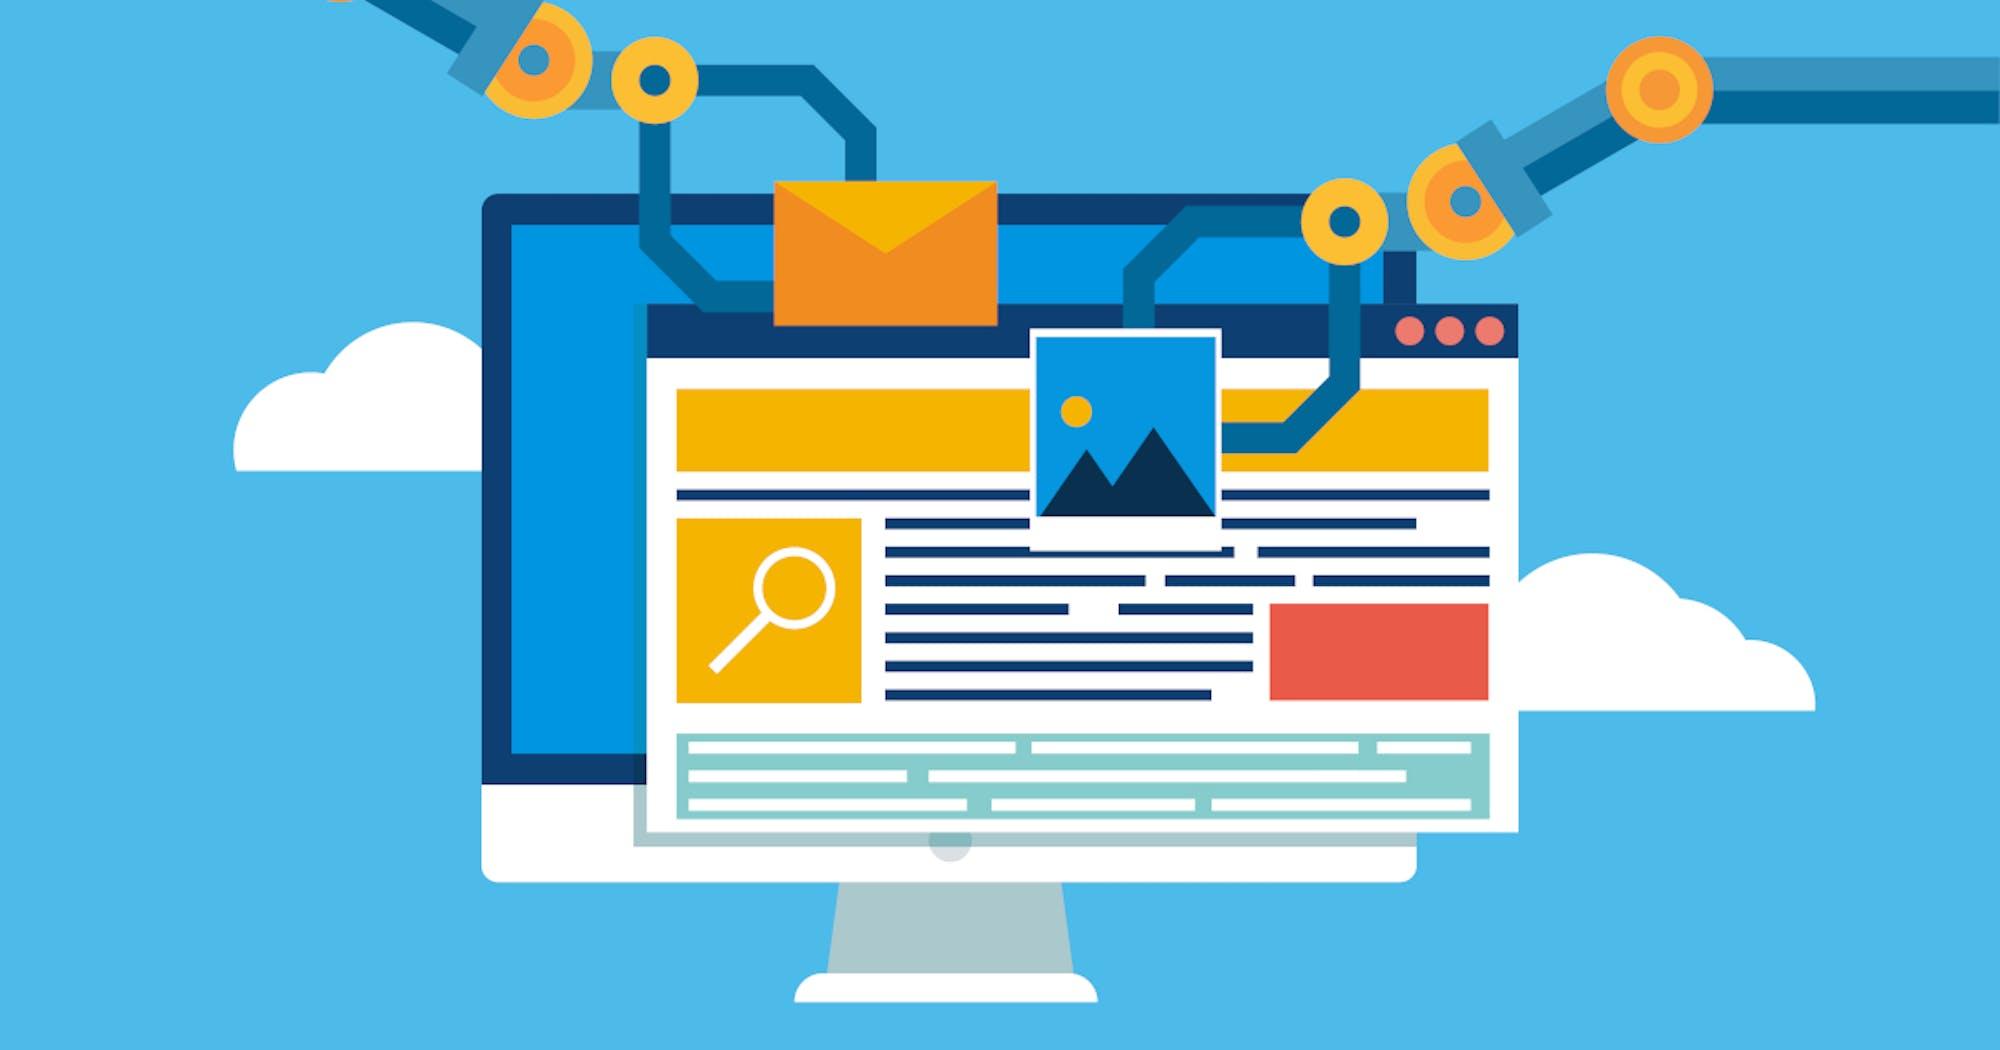 Roboterhände an einem Bildschirm zeigen CRM Marketing Automation